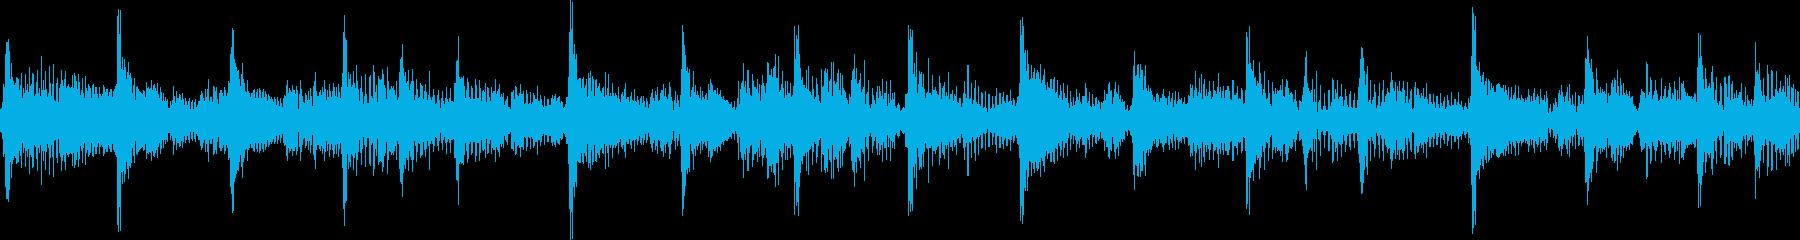 ファンキーで軽快なジングル_ループの再生済みの波形